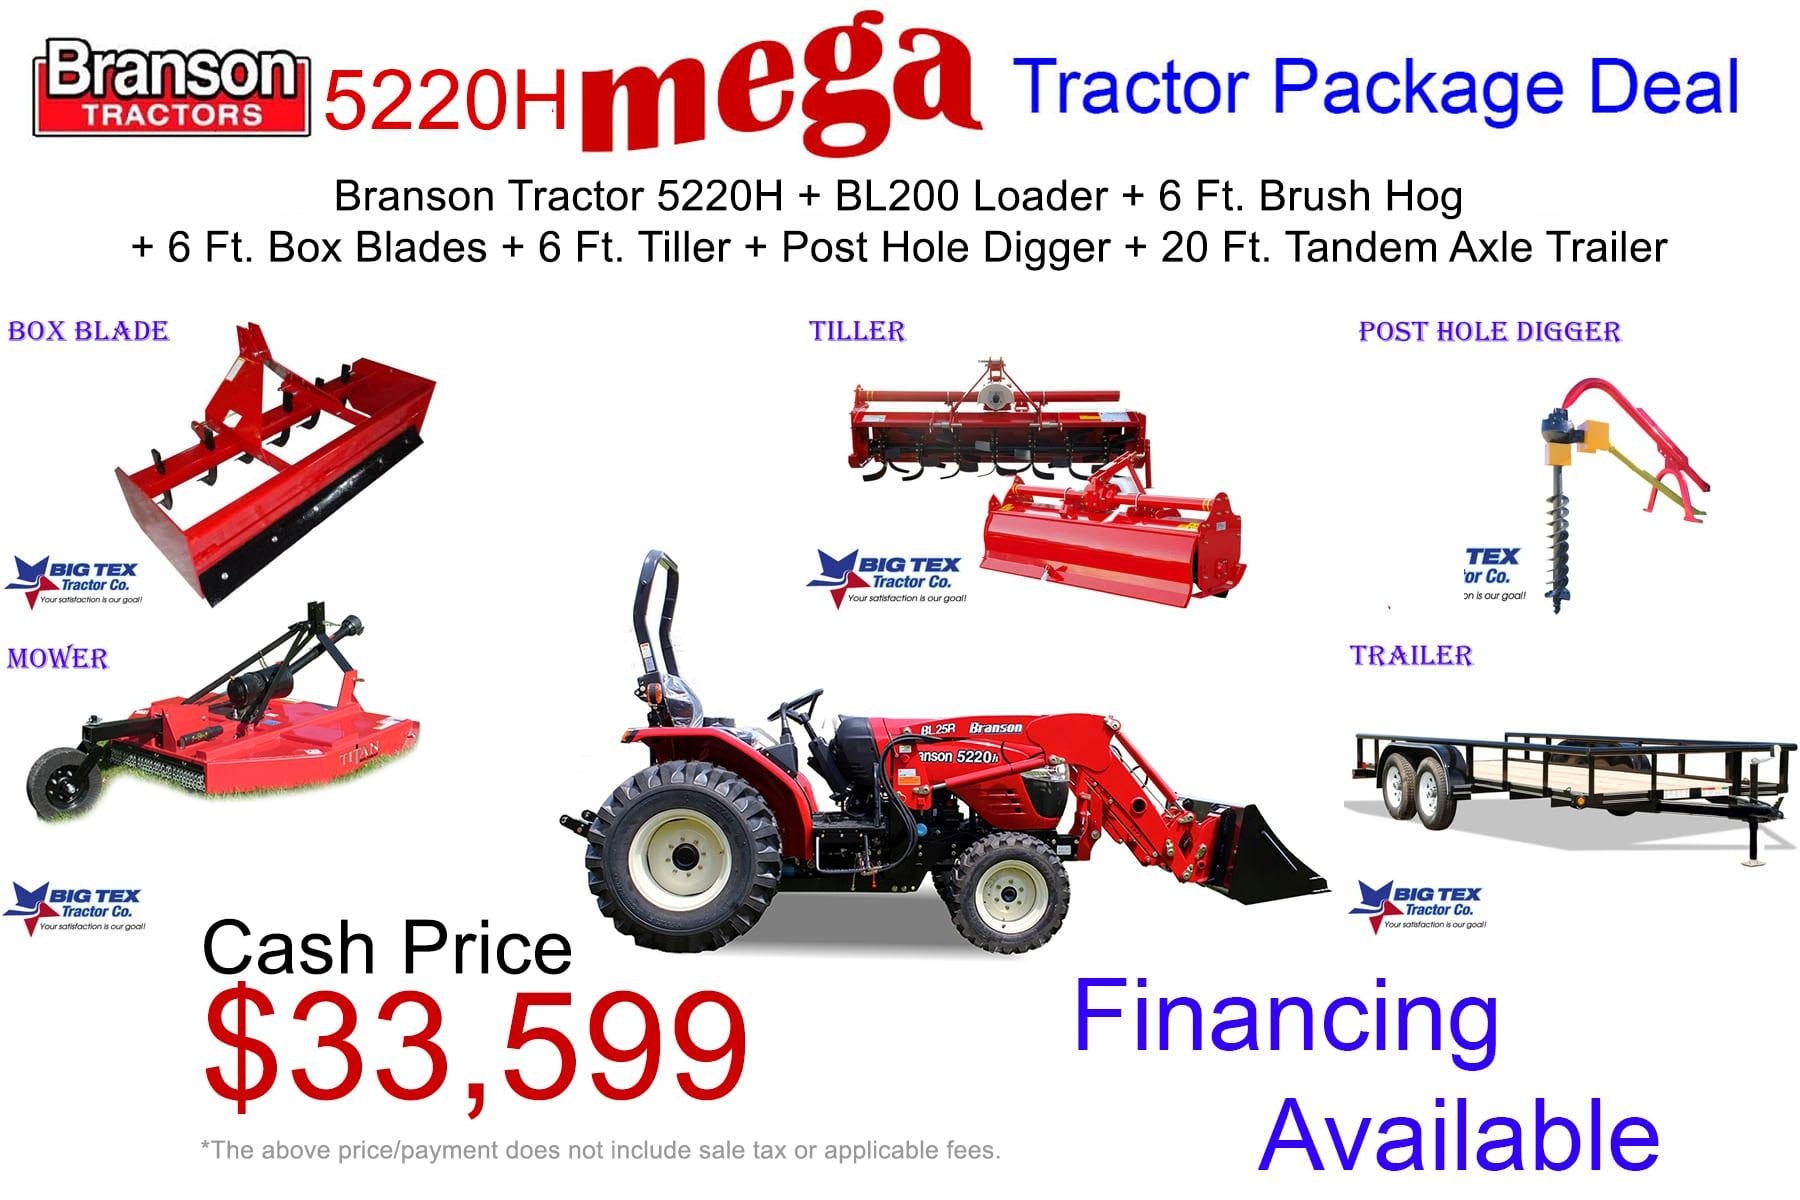 2019 - 5220H Mega T.Package